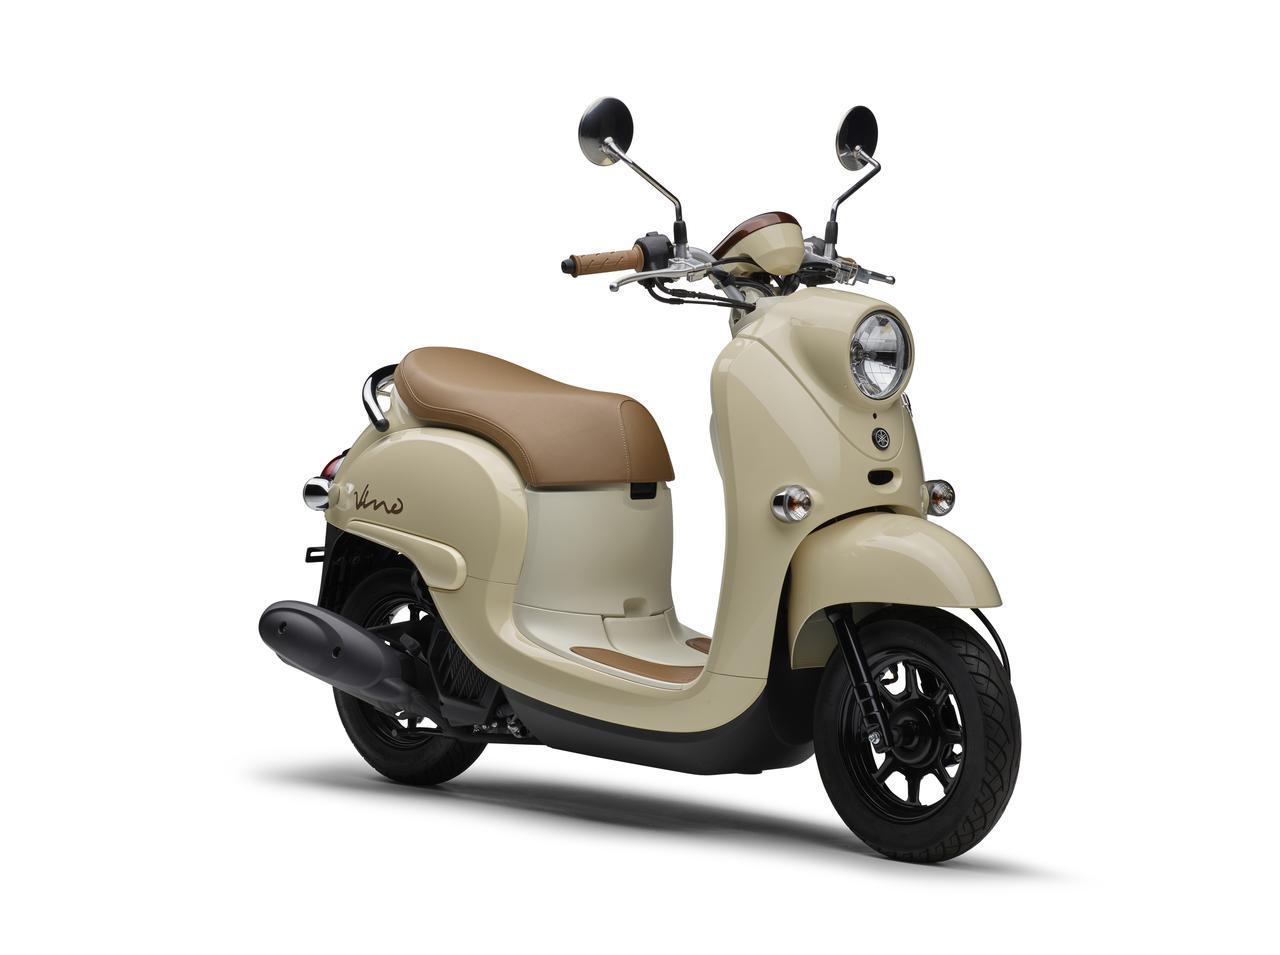 画像10: ヤマハが50ccスクーター「ビーノ」の2021年モデルを発表! ニューカラーは4色、合計6色の設定で発売